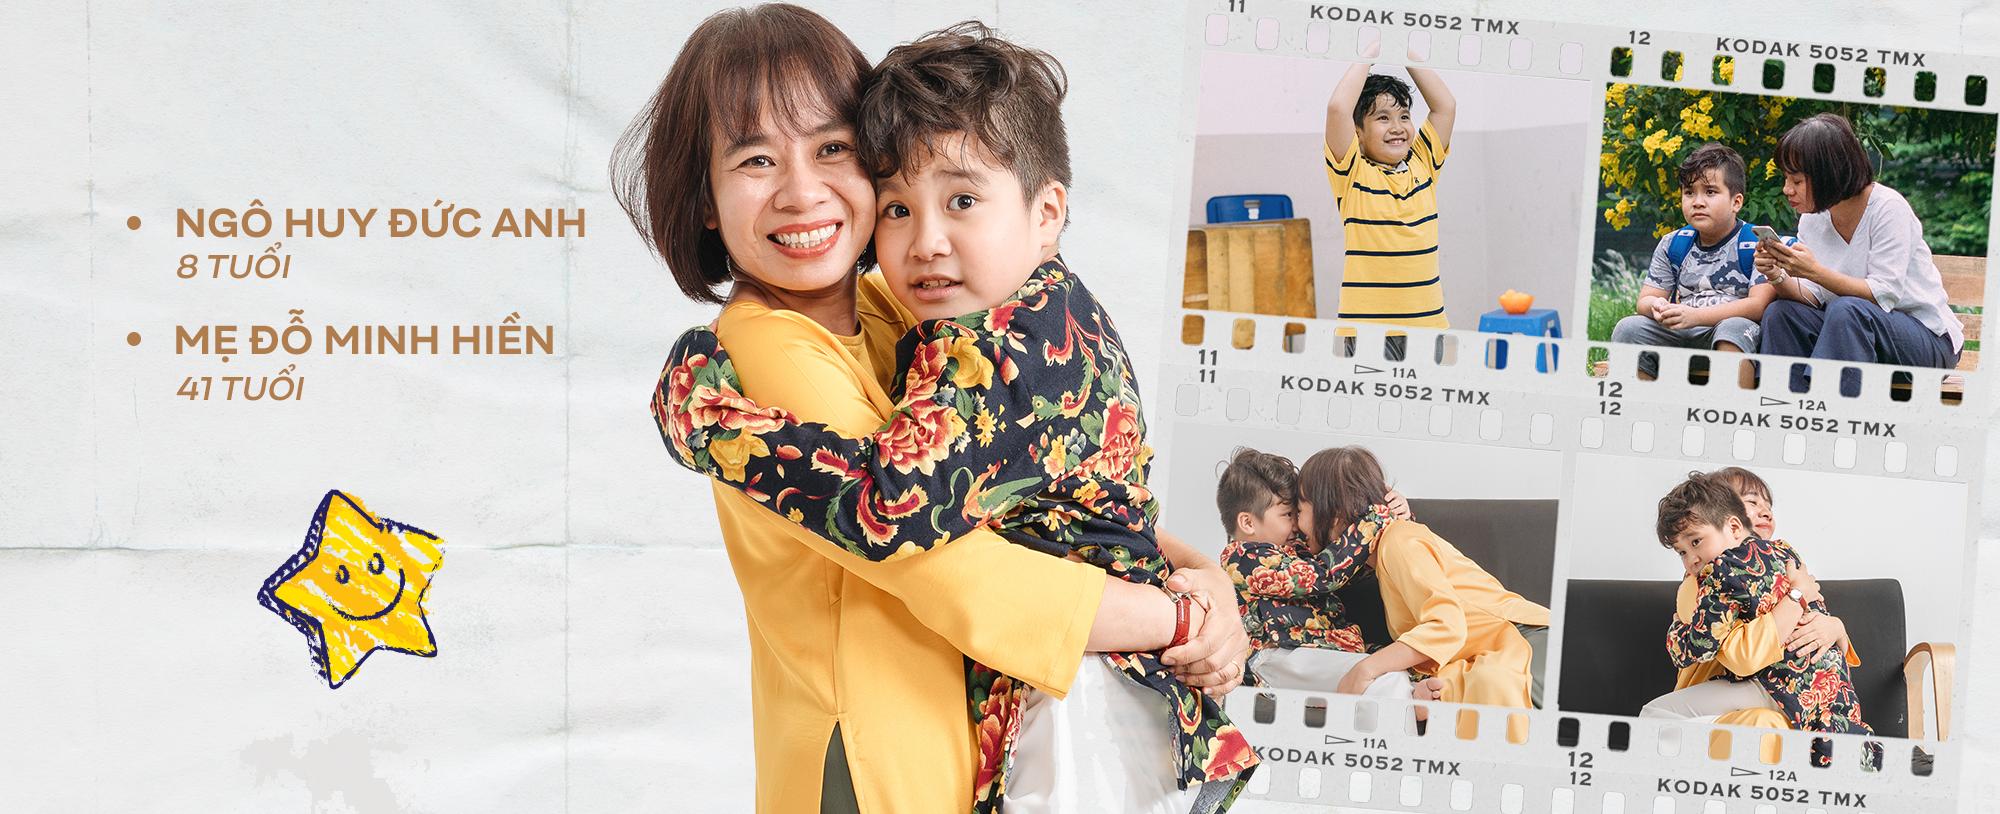 Hành trình của mẹ có con tự kỷ: Trong mắt mẹ, con luôn là một đứa trẻ đáng yêu, trong mắt con, mẹ luôn là người tuyệt vời nhất - Ảnh 15.